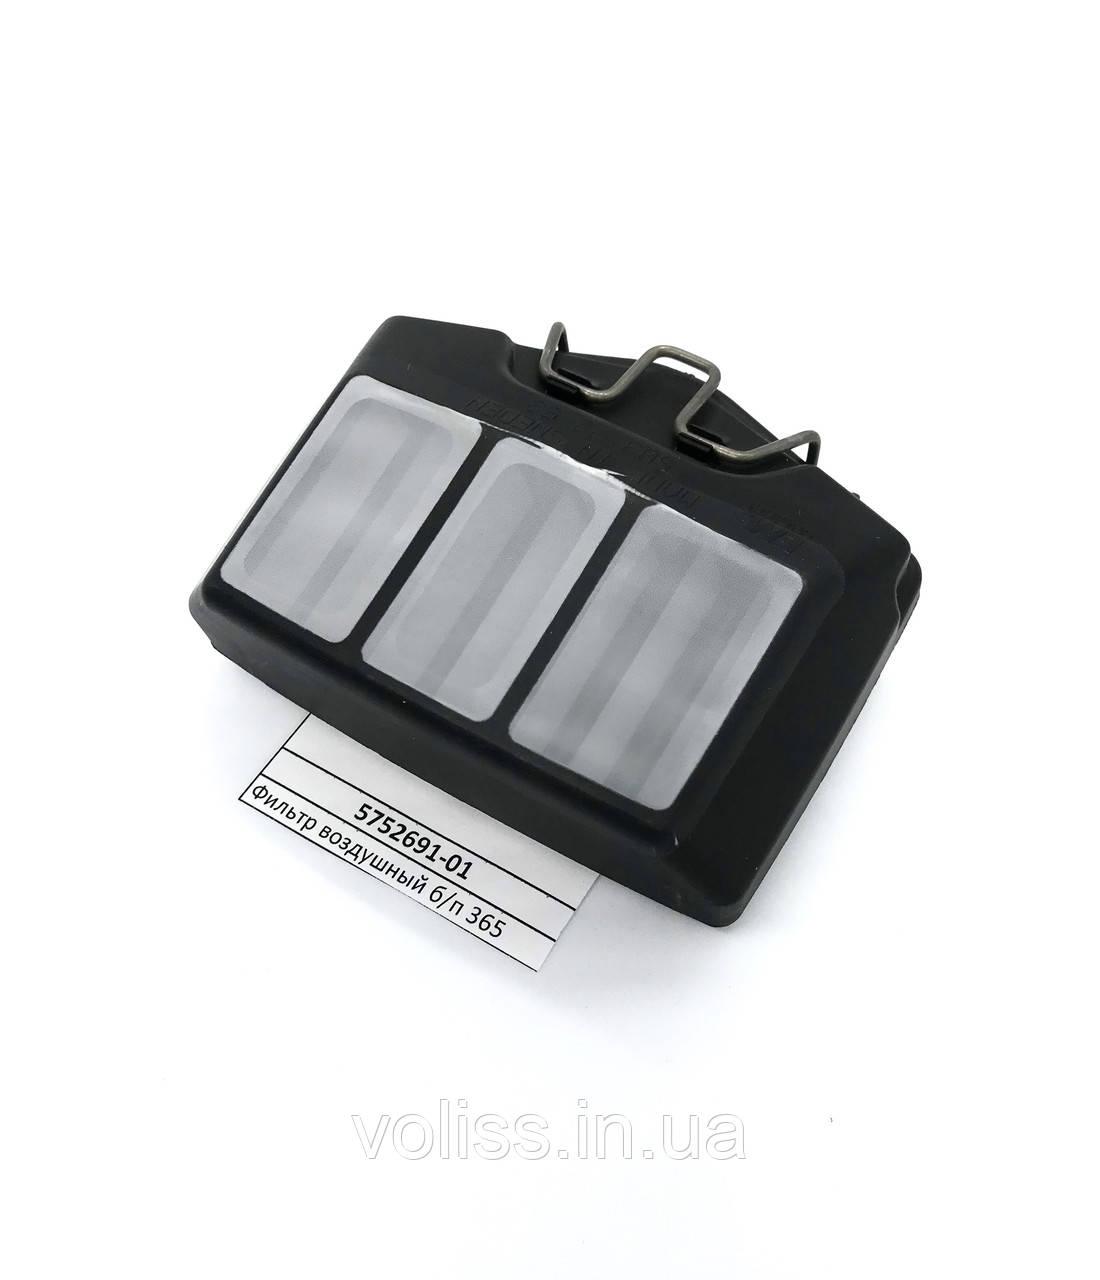 Фильтр воздушный для бензопил Husqvarna 365 , 372XP (5752691-01)